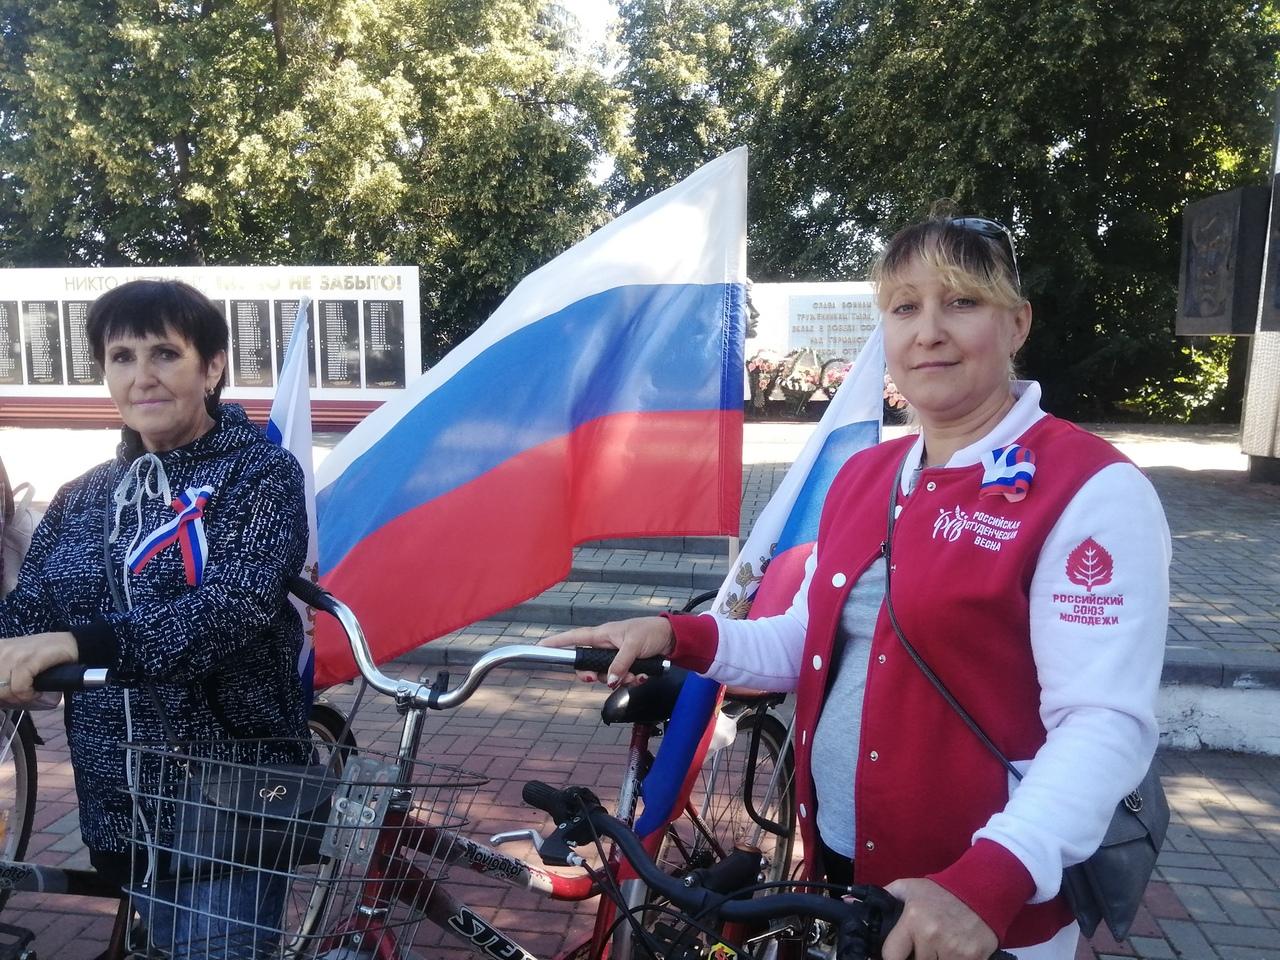 В Тамбовской области отпраздновали День флага РФ с песнями, плясками и рисунками на асфальте: фото